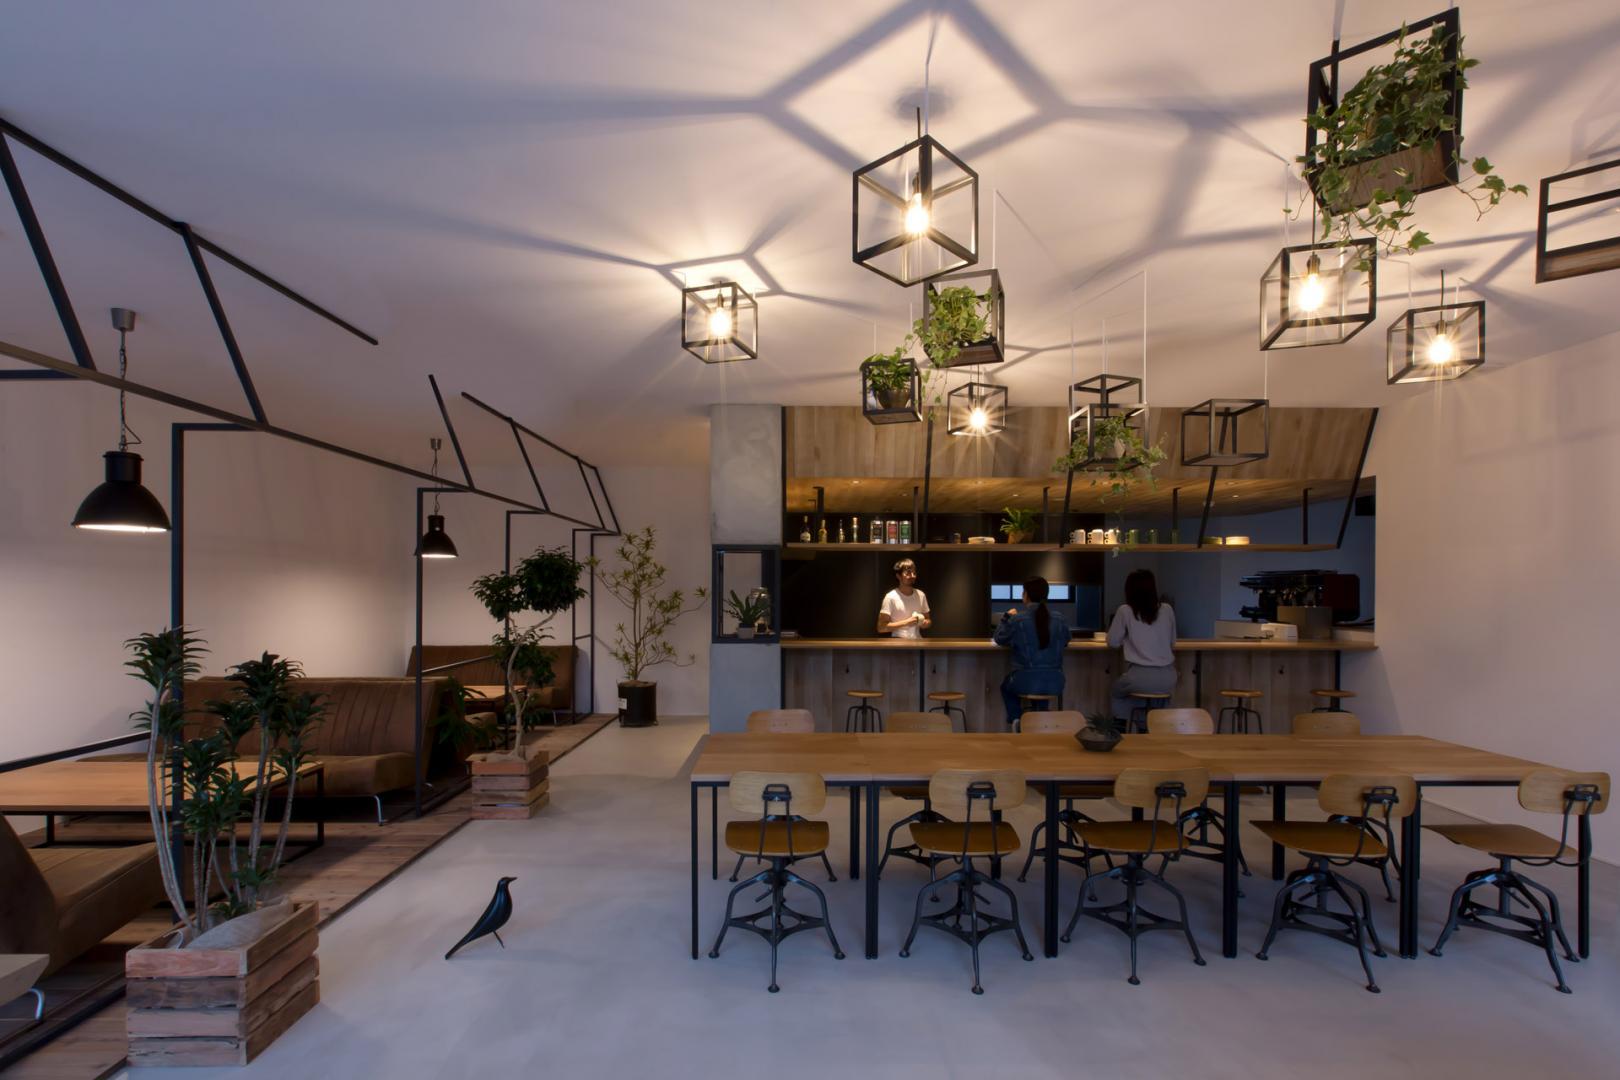 Caffetteria in giappone pareti in vetro per collegare for Design dello spazio esterno